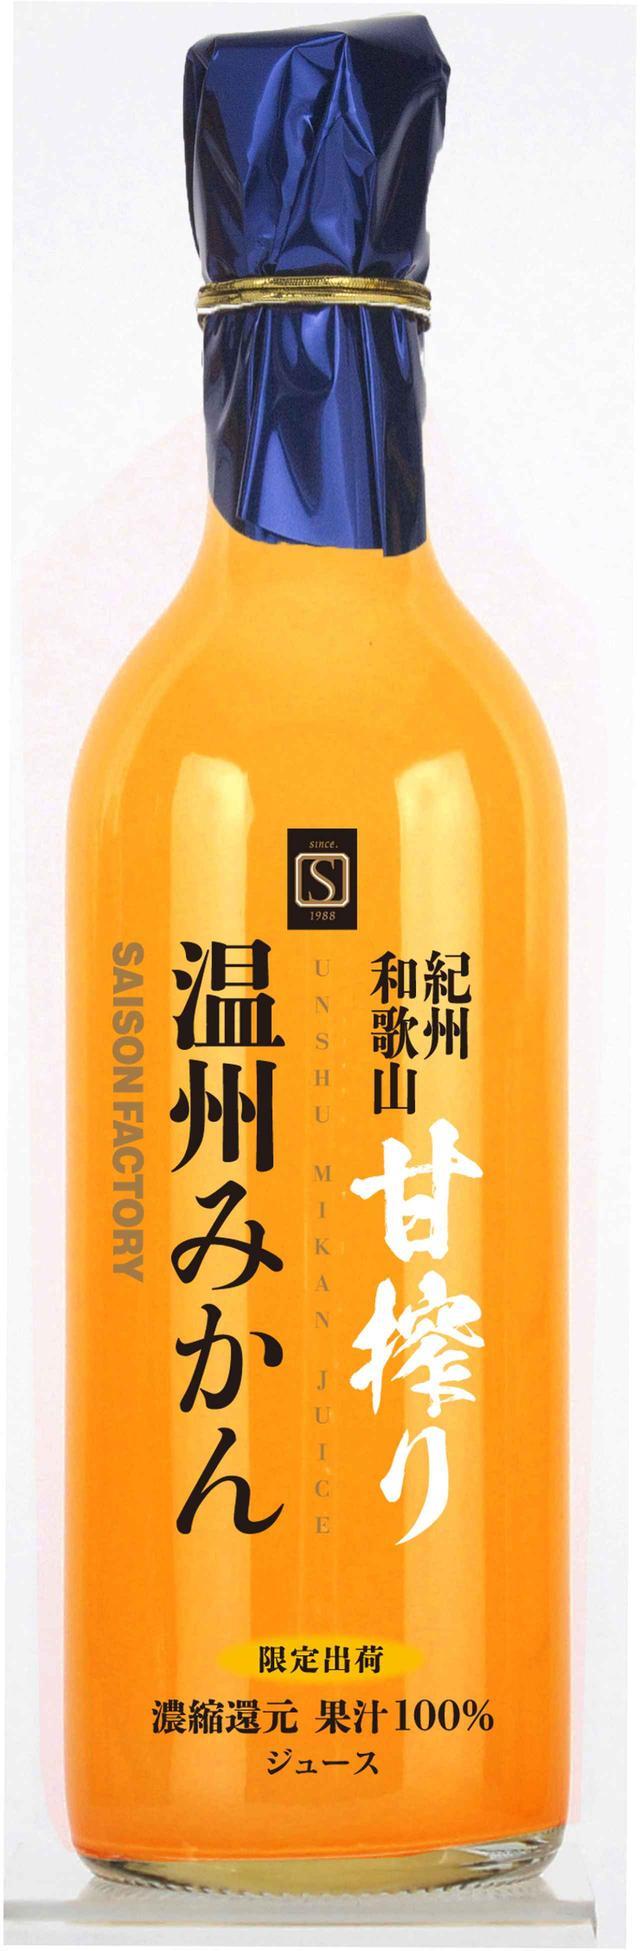 画像: 商品名:甘搾り温州みかんジュース 価格:1,620円(税込) 発売日:2018年5月1日(火)